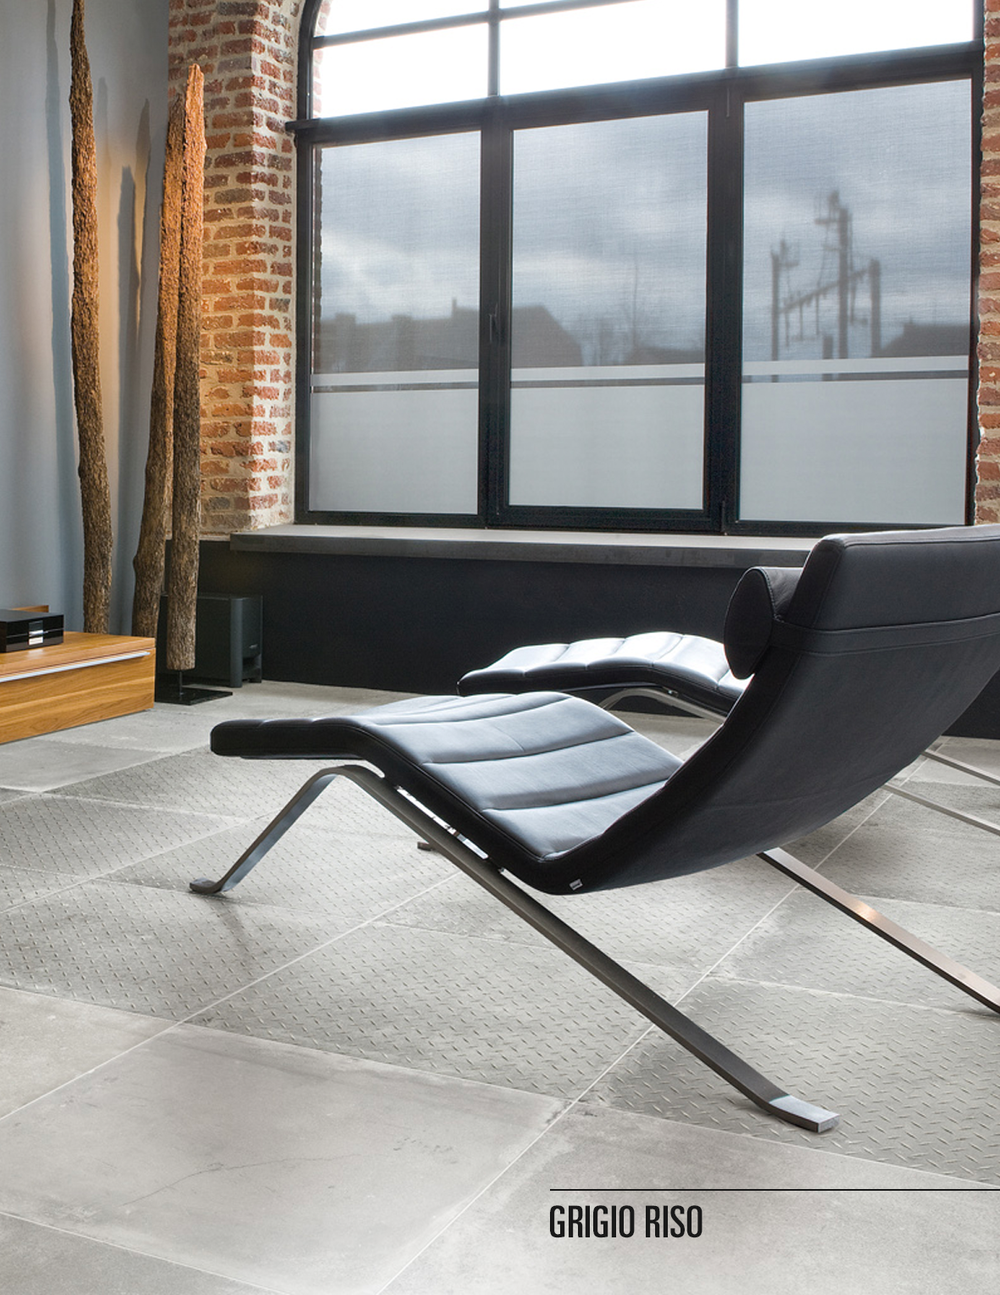 nouvelle c ramique de style industriel b ton m tal magasin c ramique au sommet soligo tile. Black Bedroom Furniture Sets. Home Design Ideas